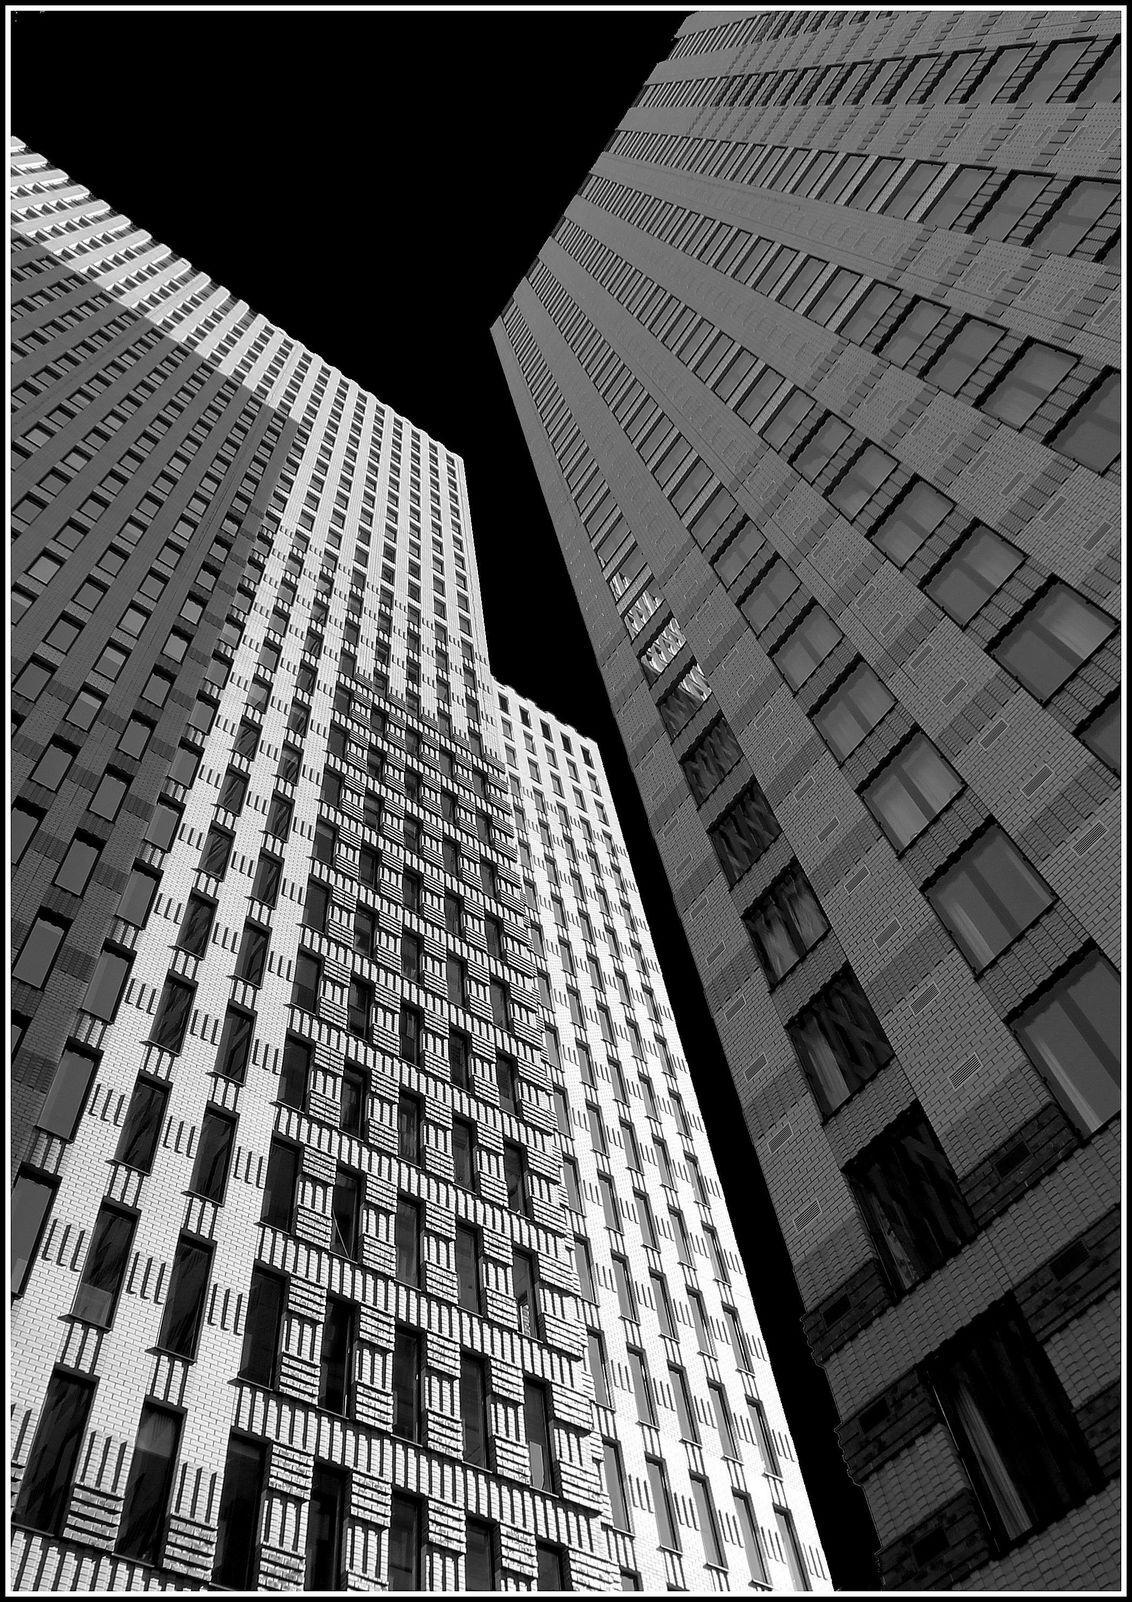 Zuidas - - - foto door jelle13 op 03-03-2021 - deze foto bevat: amsterdam, lijnen, architectuur, gebouw, stad, perspectief, zwartwit